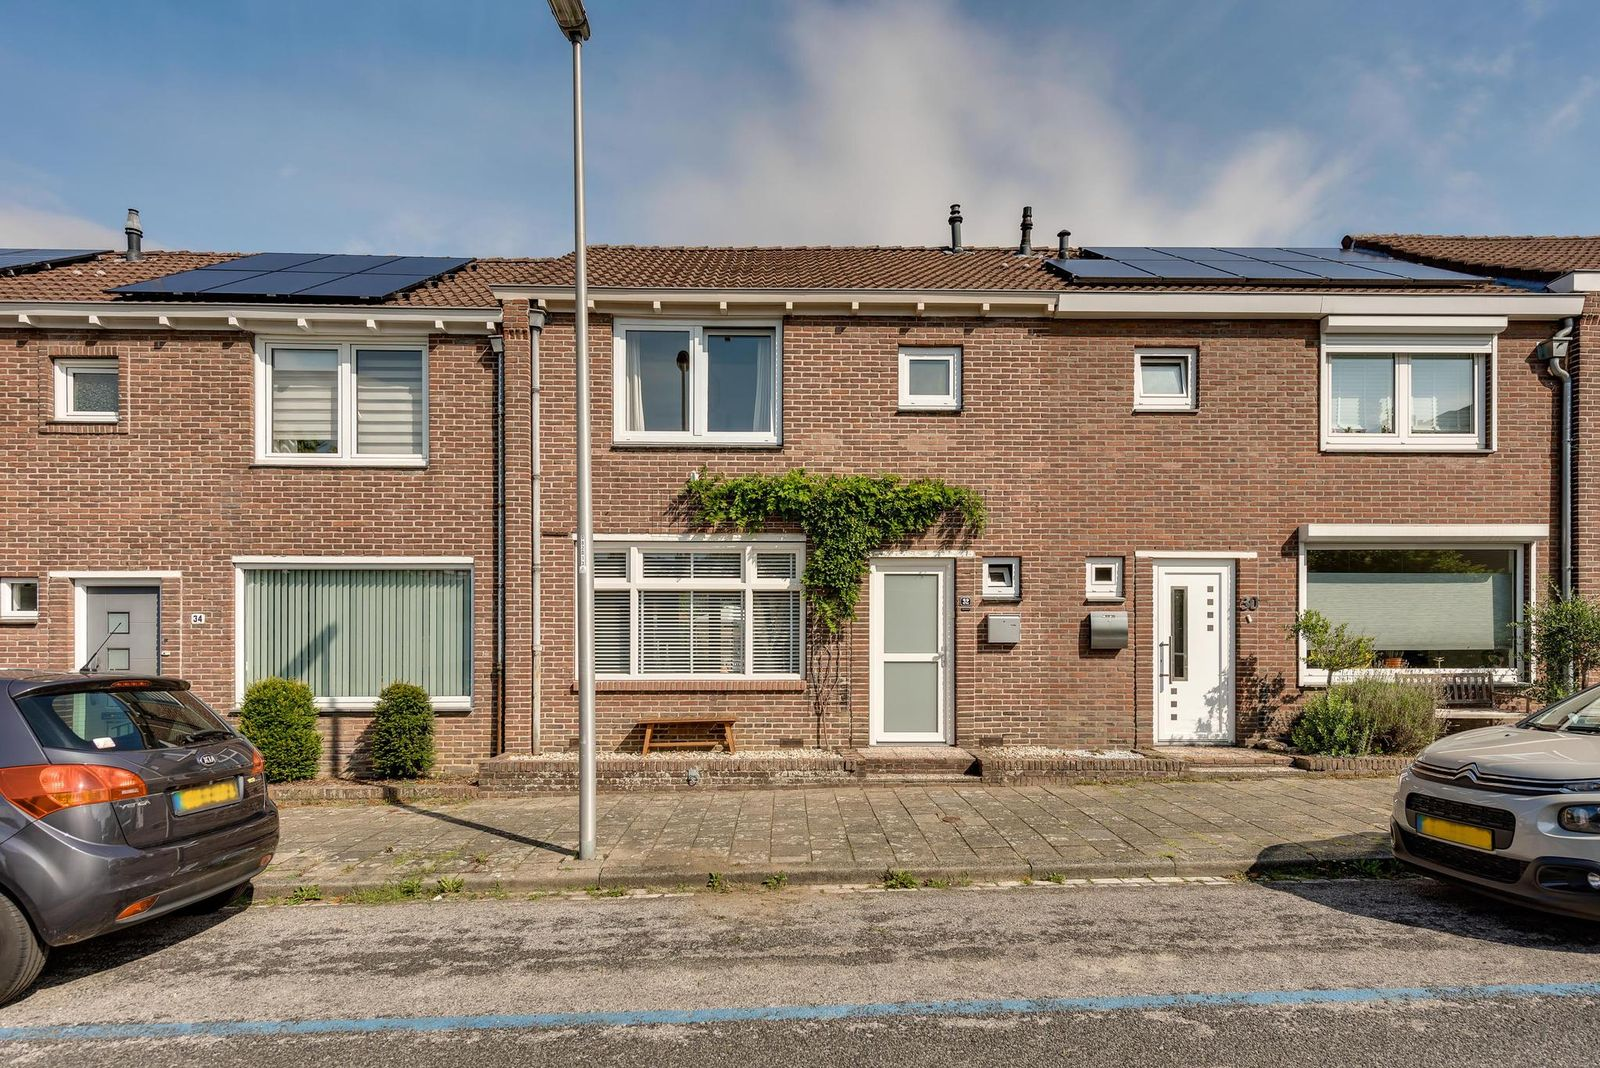 Van Sonsbeeckstraat 32, Heerlen